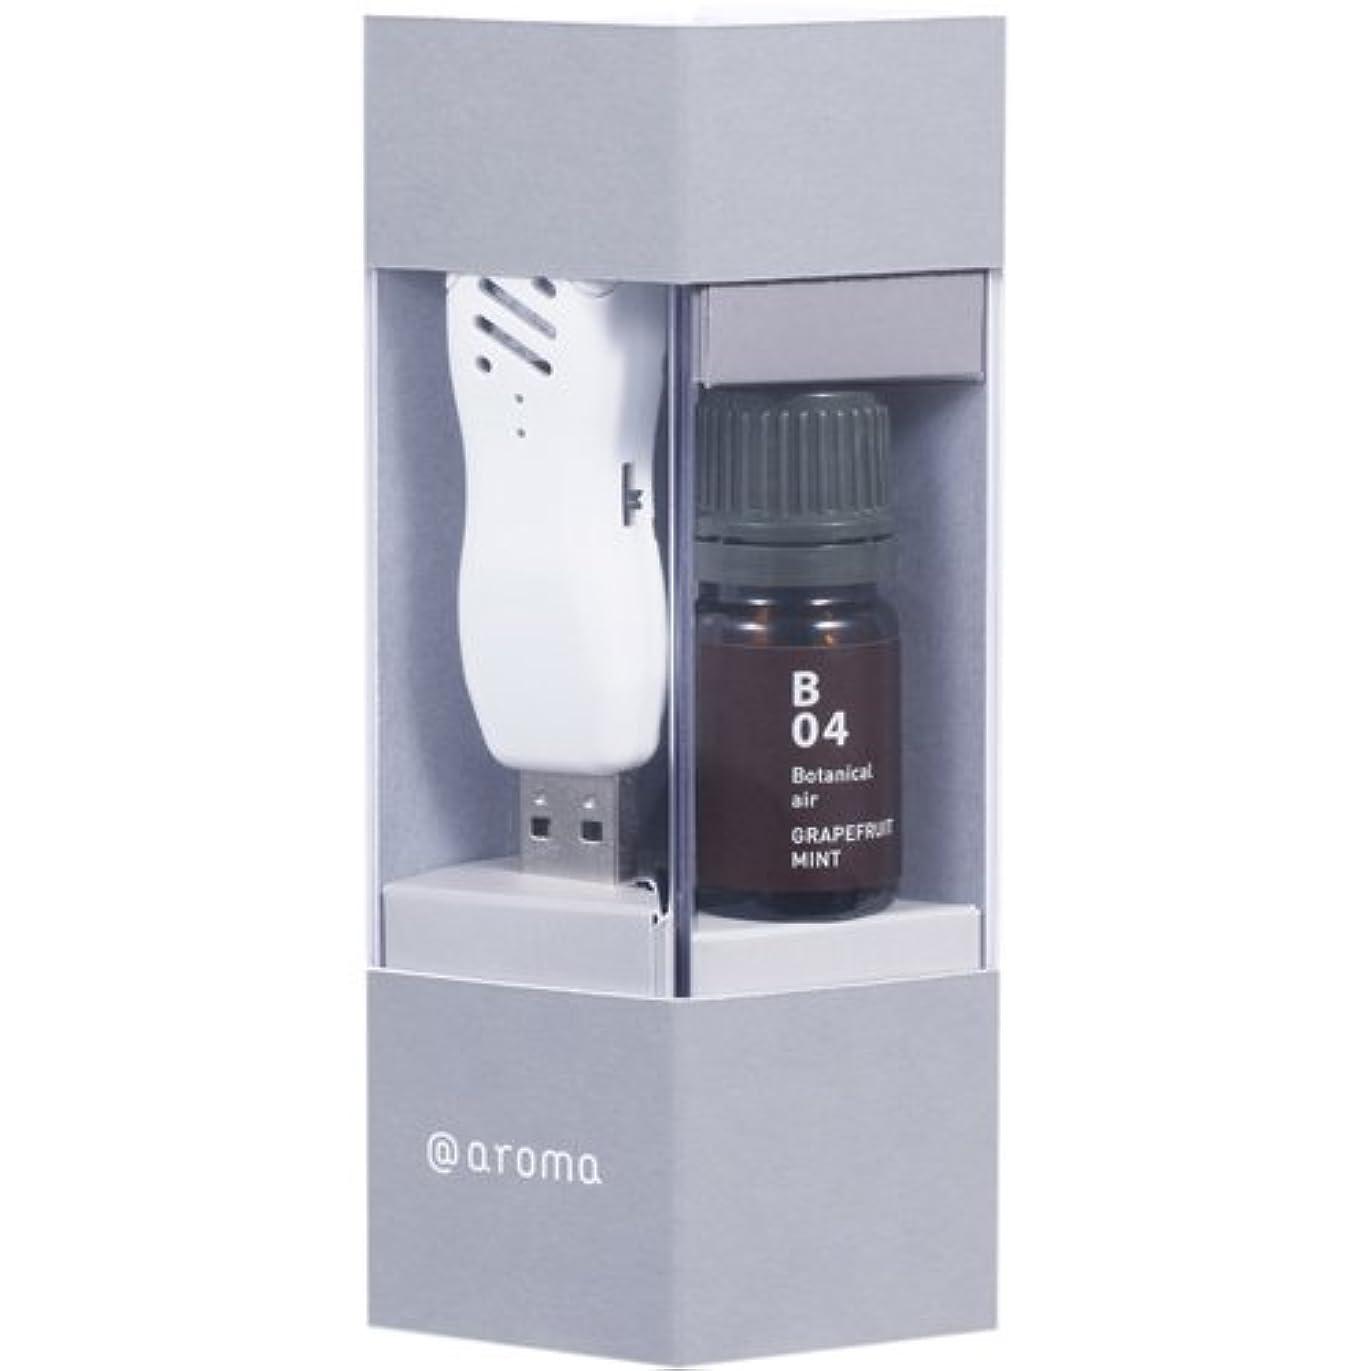 領事館基本的な扇動するUSB aroma time(USBアロマタイム) セット(B04 グレープフルーツミント) 本体+エッセンシャルオイル